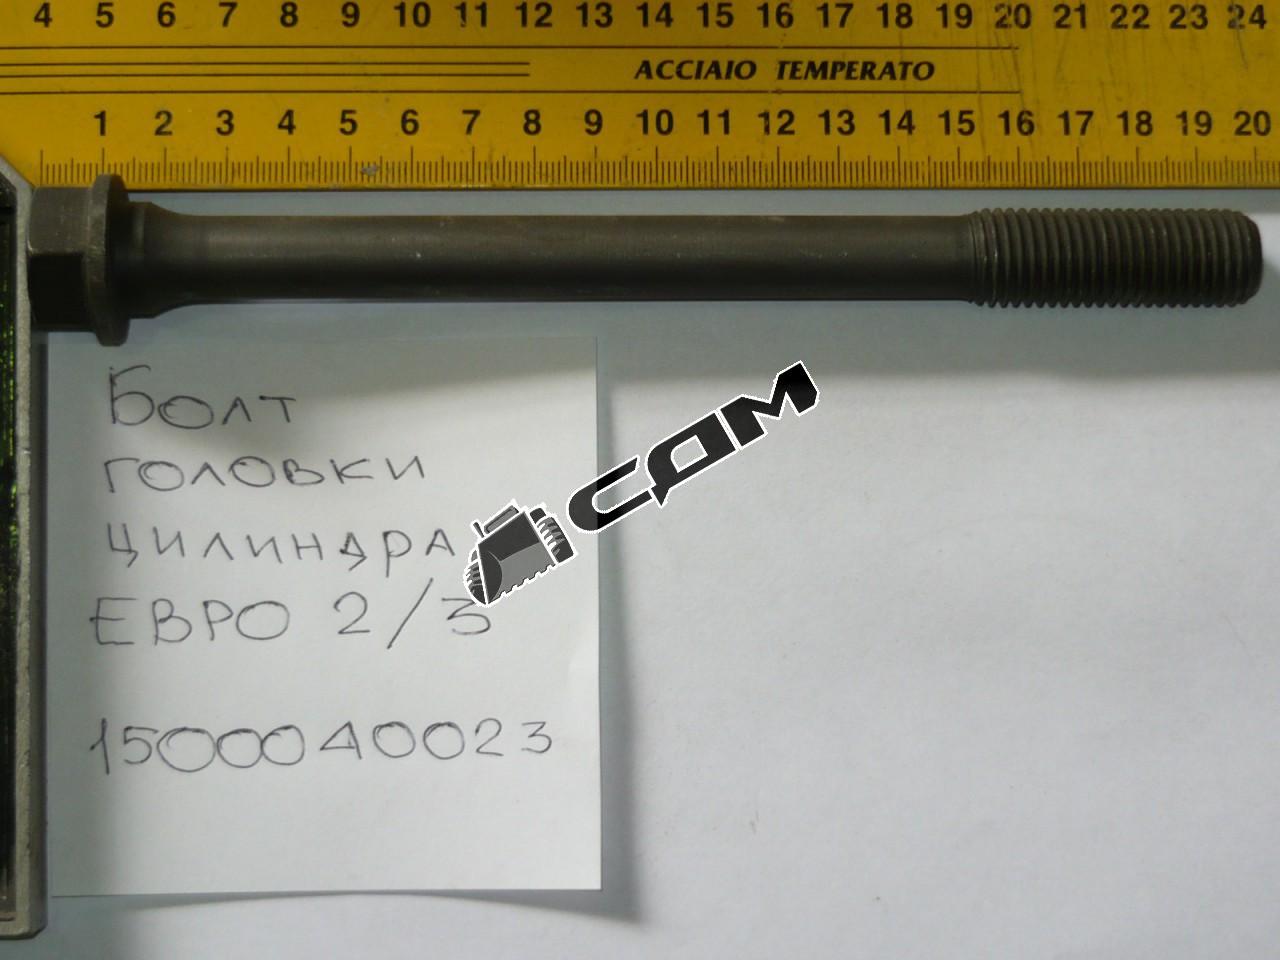 Болт головки цилиндра М16х185 (Euro 2)  VG1500040023